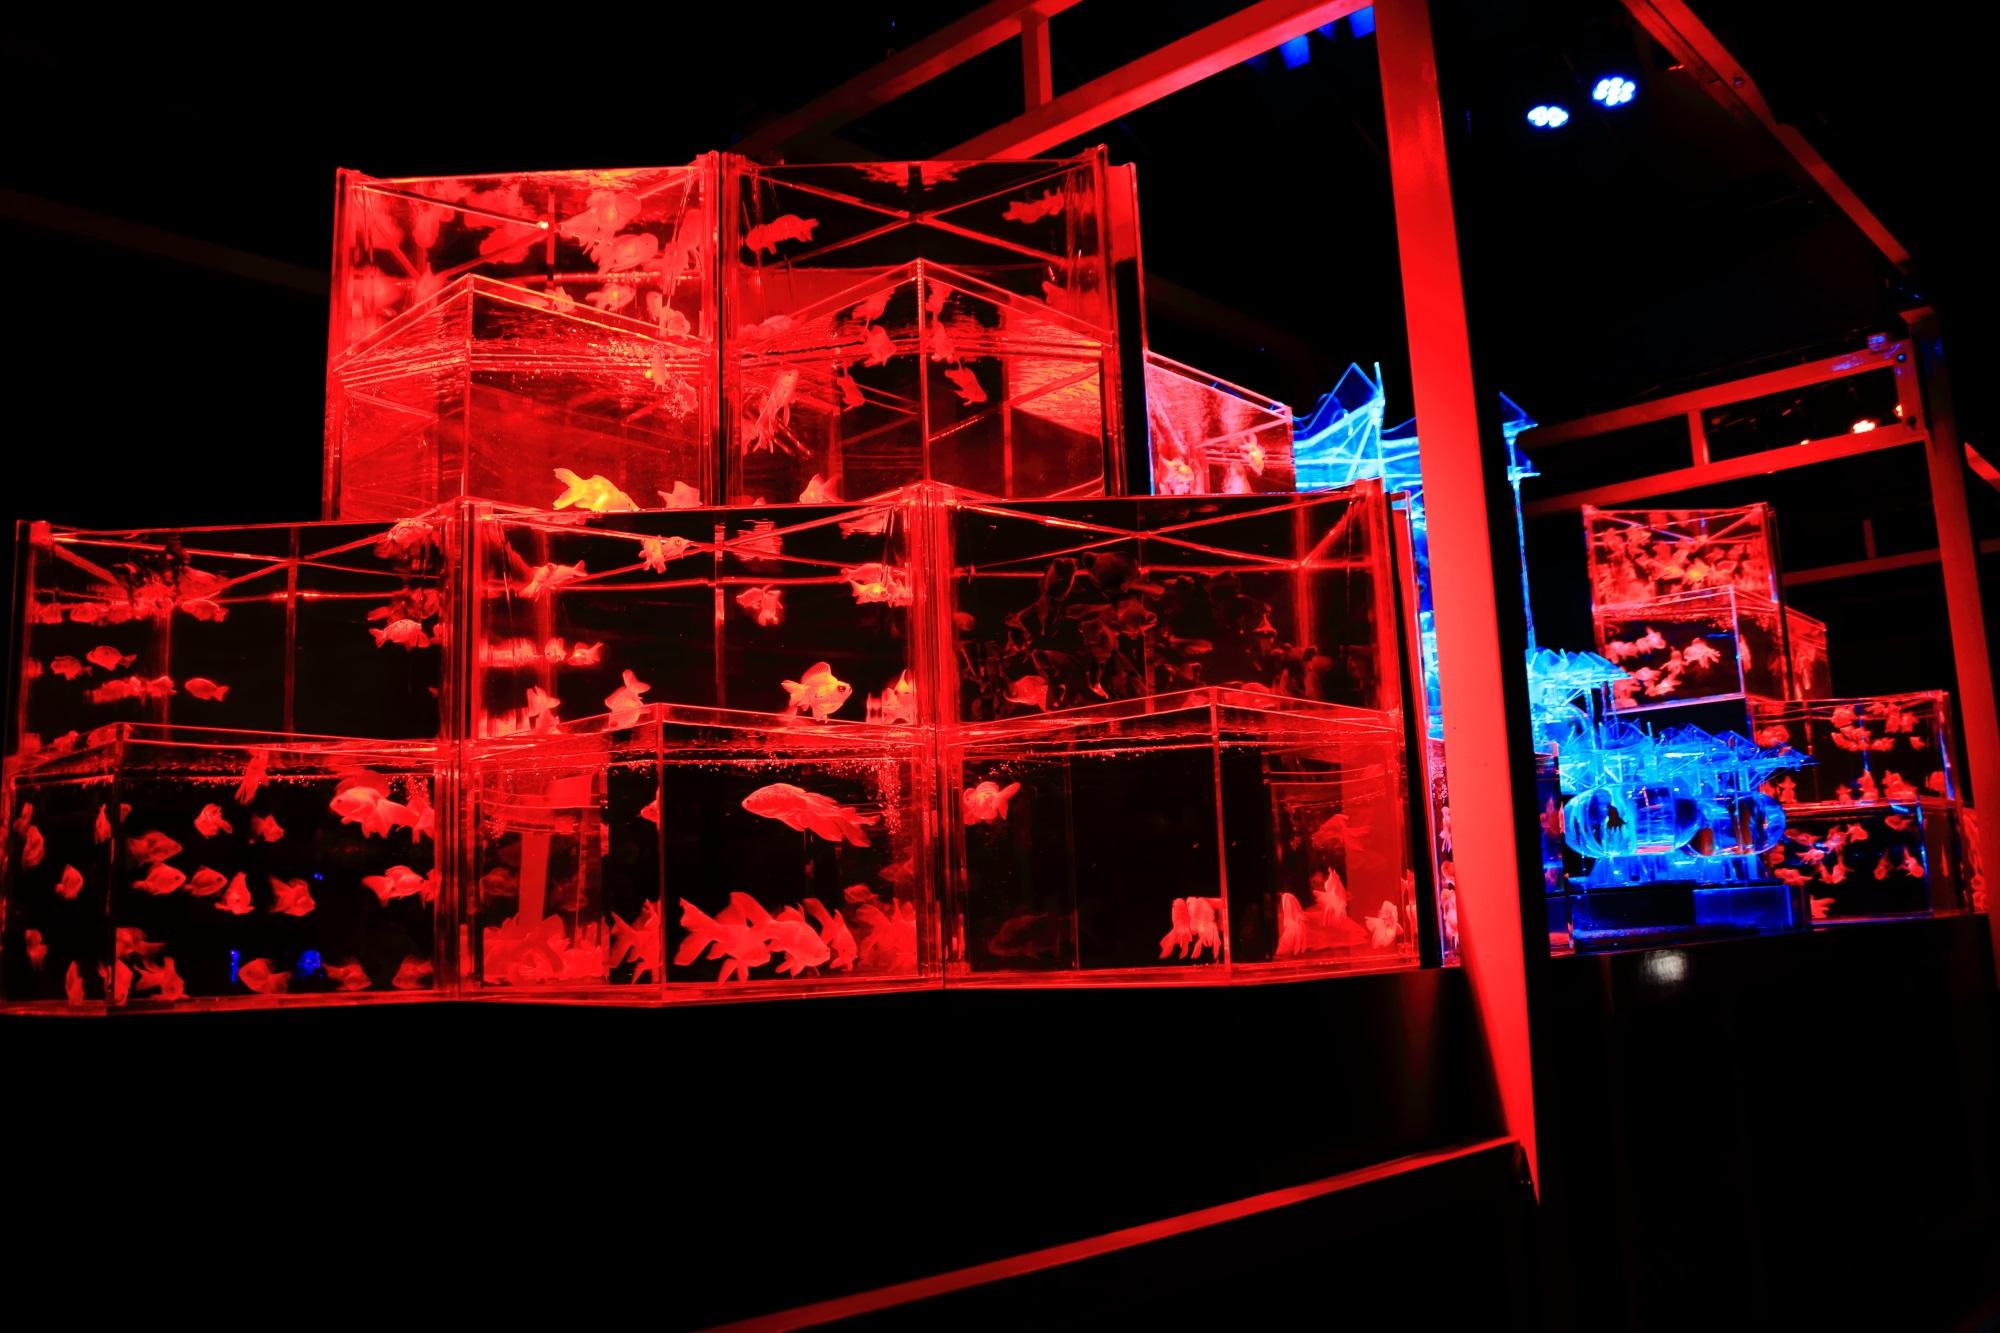 魅惑の金魚の舞 アートアクアリウム城 大奥 二条城